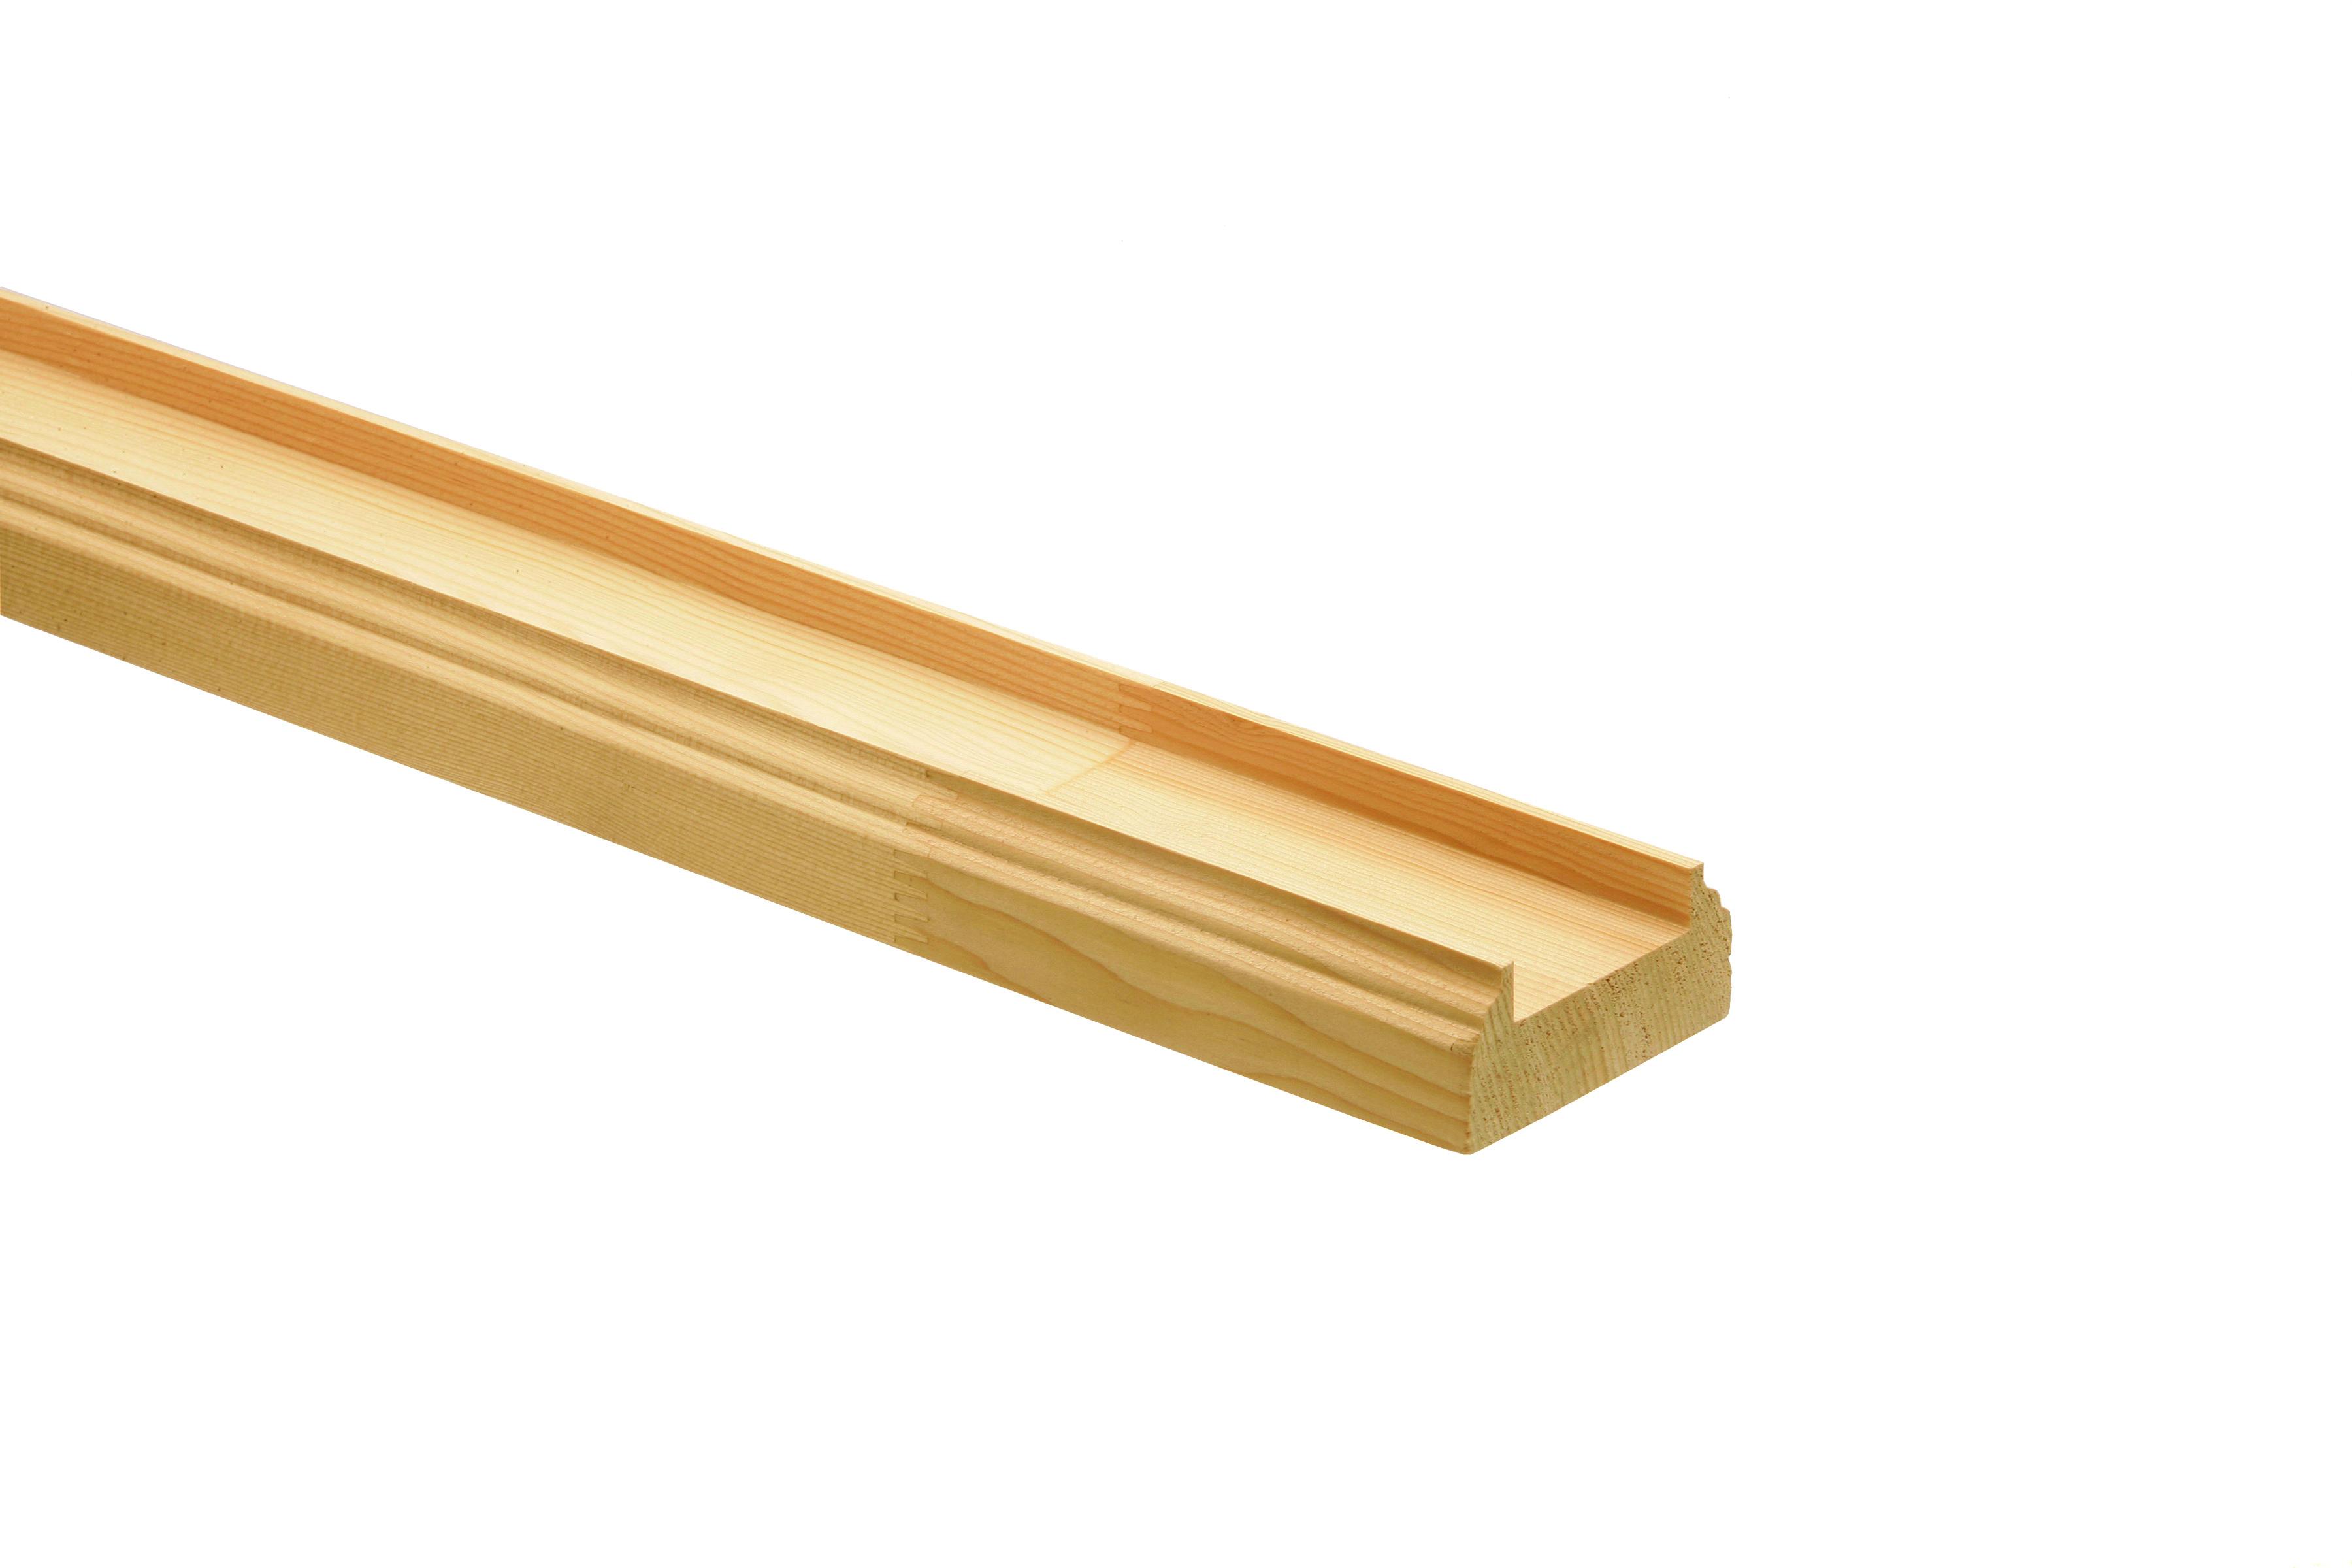 1 Hemlock Baserail 4200 41